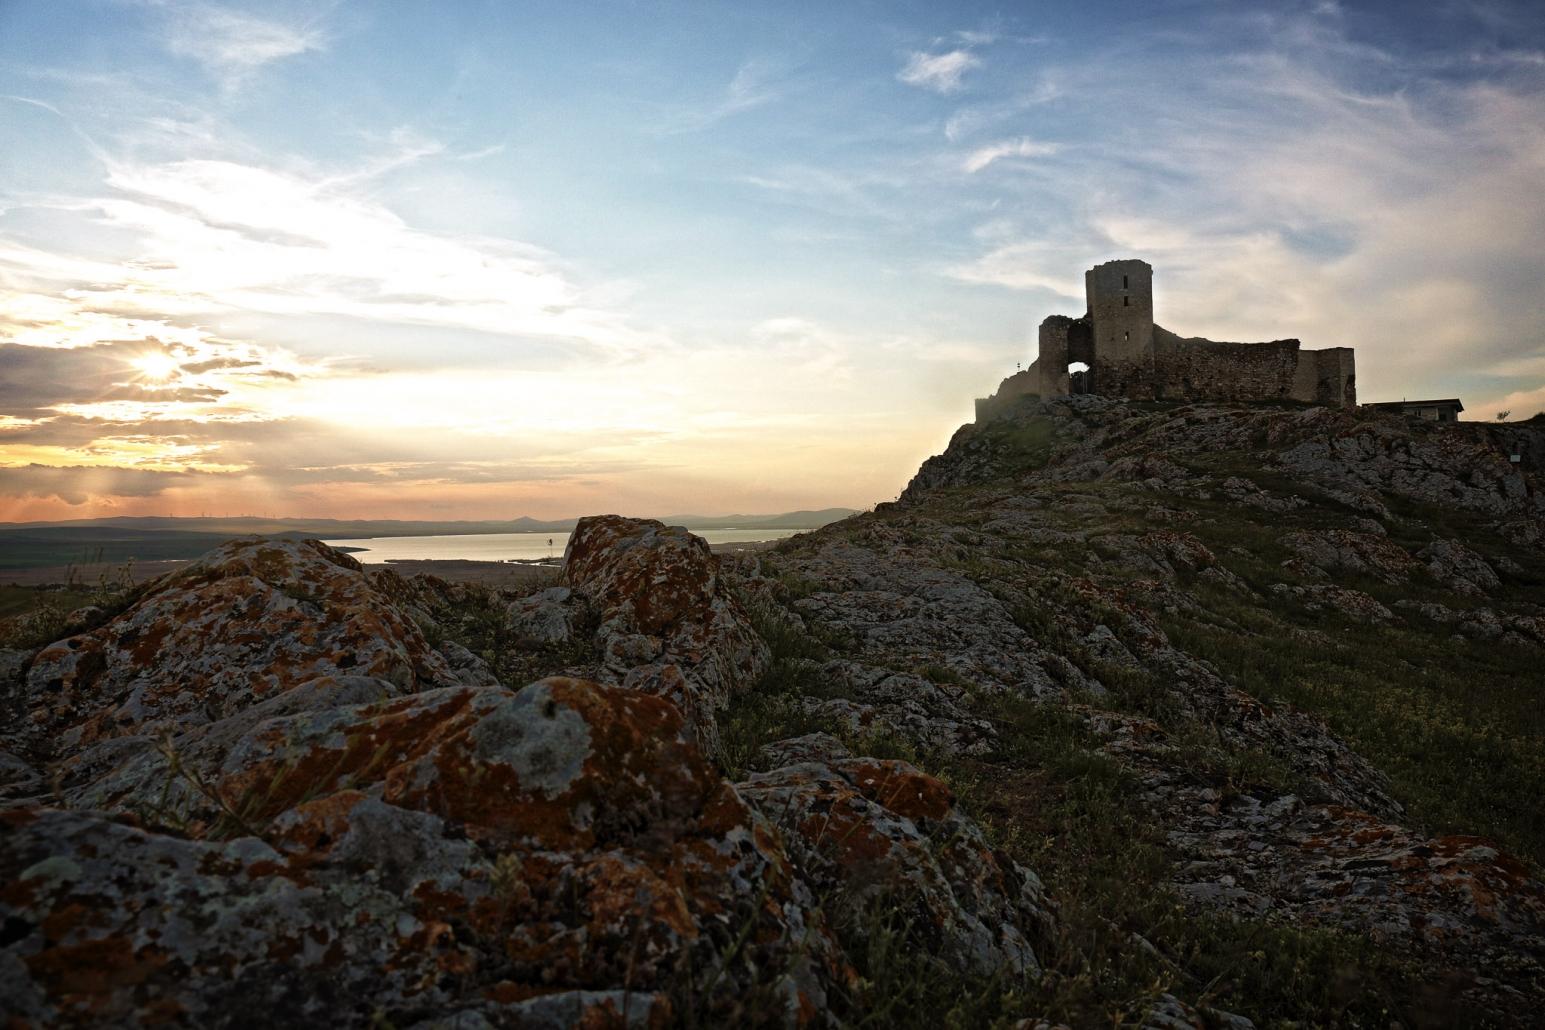 Cetatea Medievală Enisala